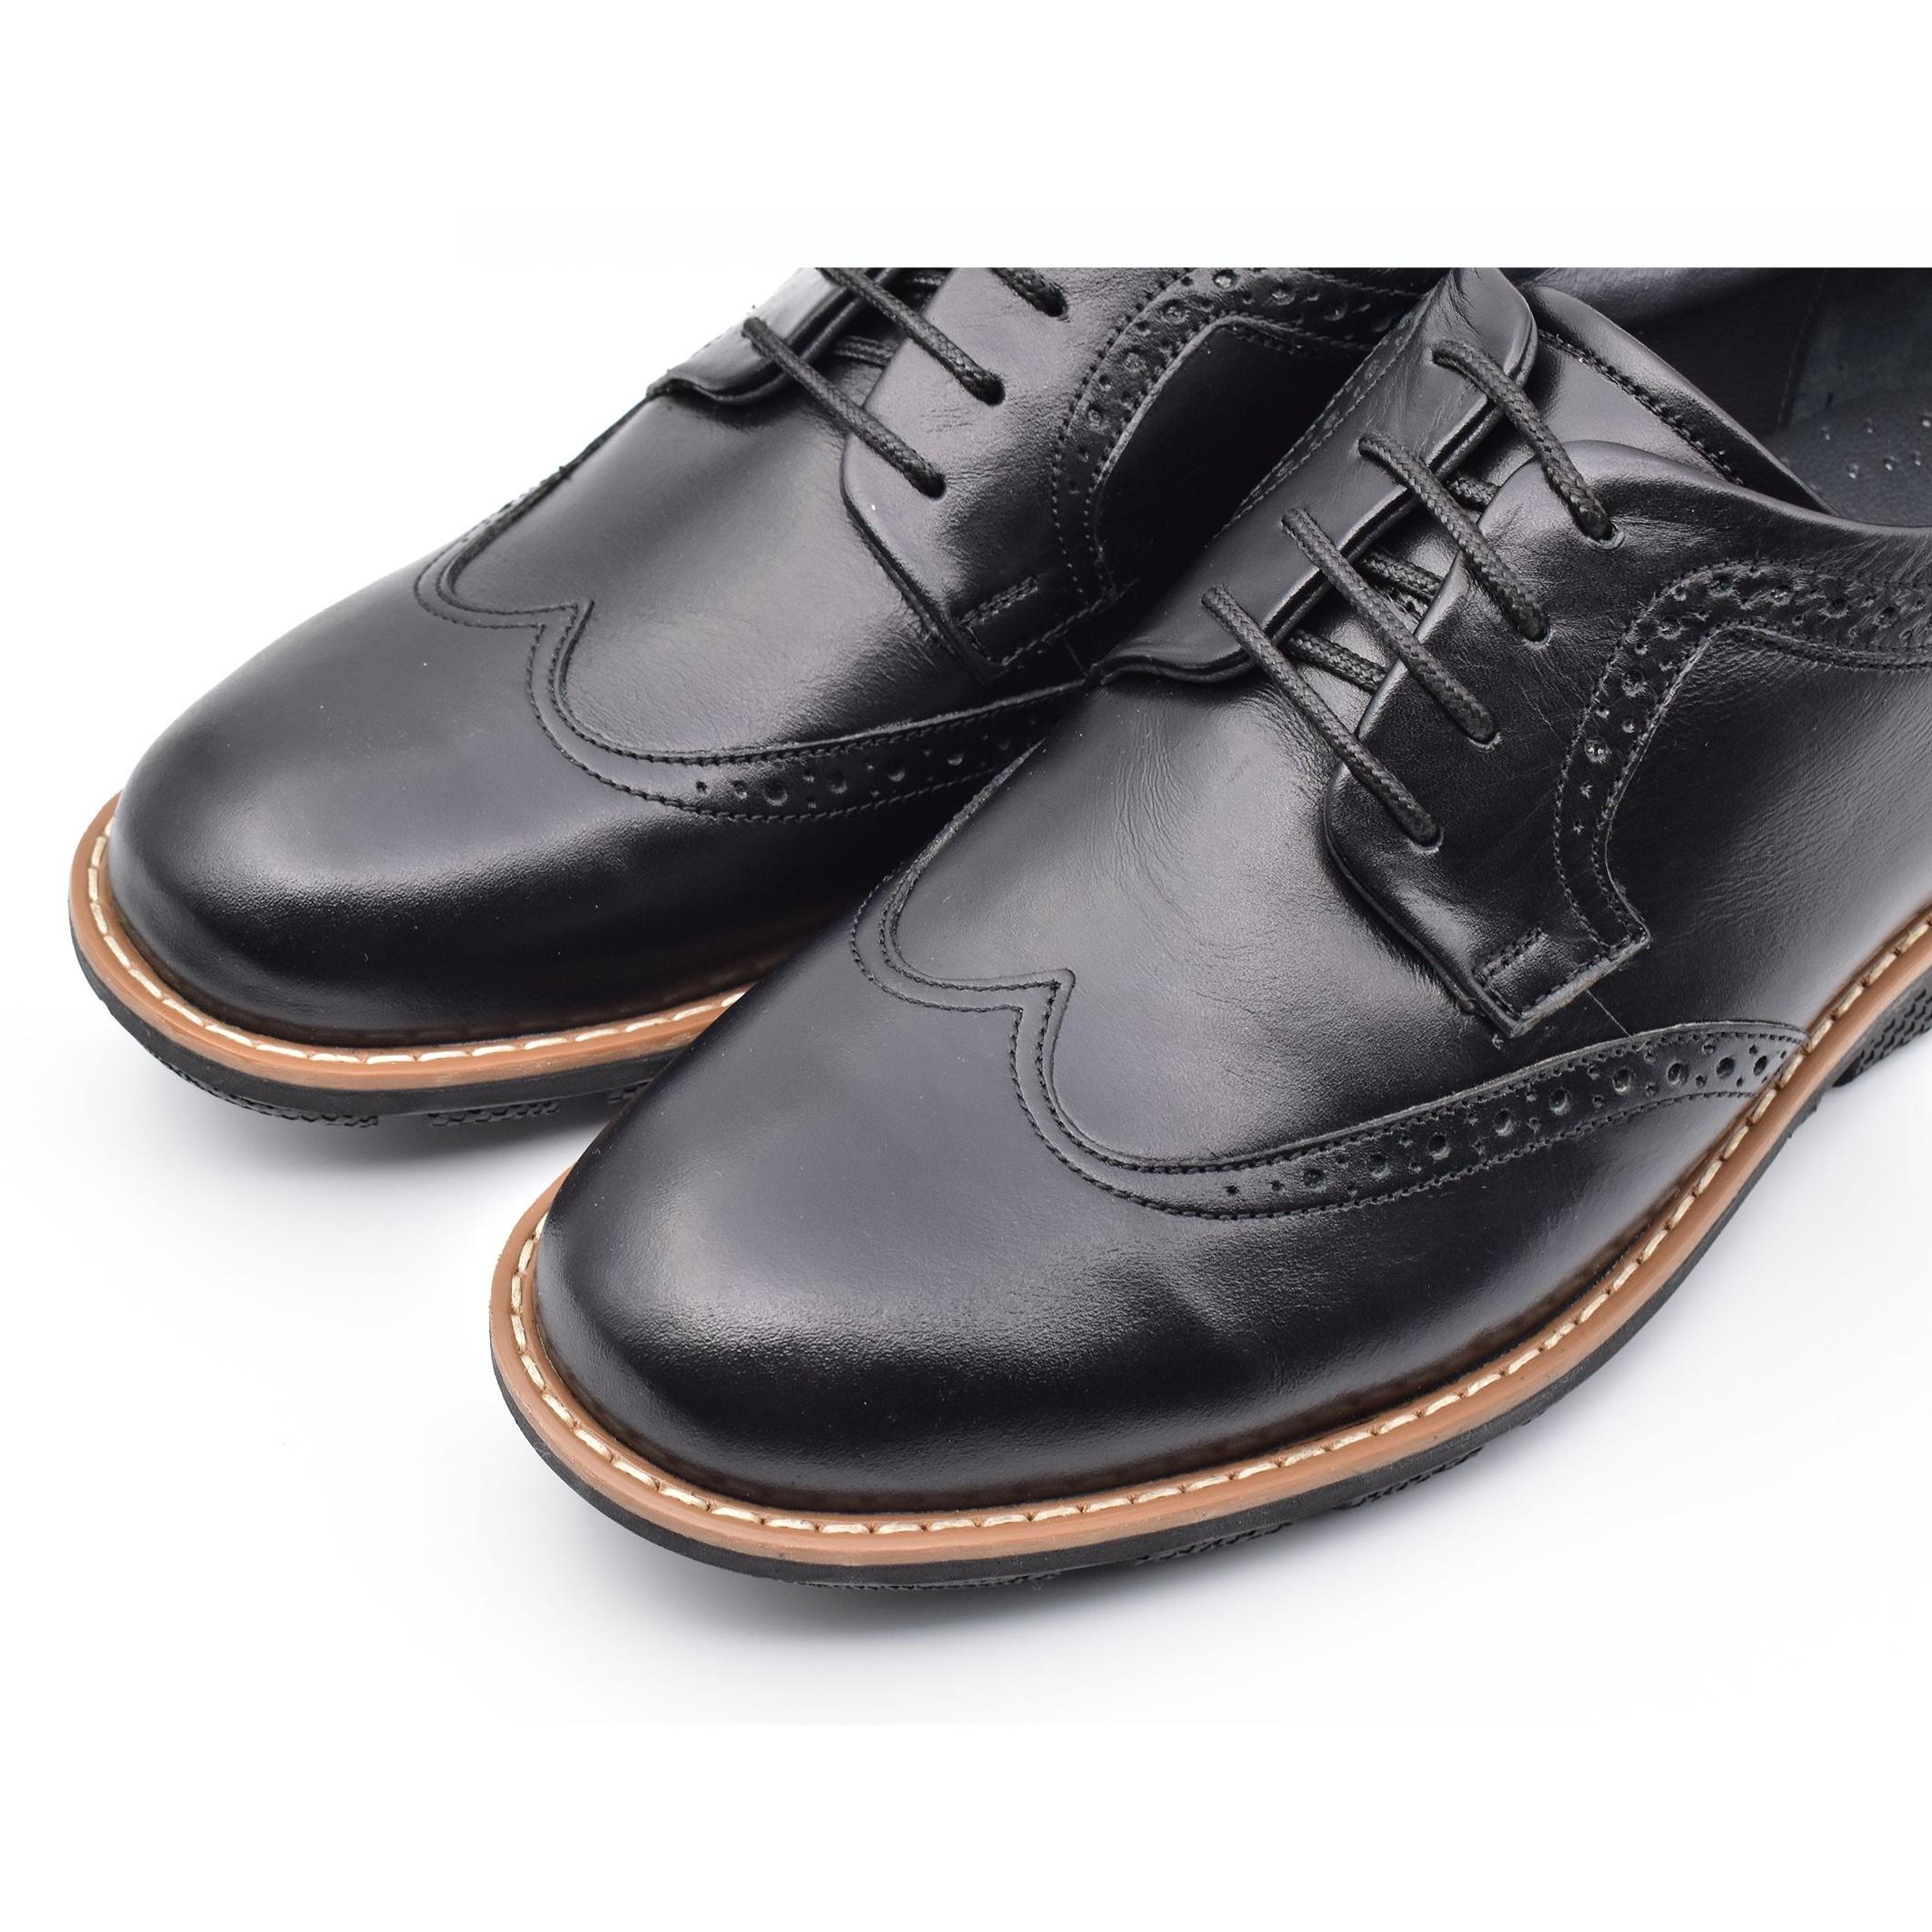 قیمت خرید کفش روزمره مردانه البرز مدل آلفرد کد 4954 اورجینال